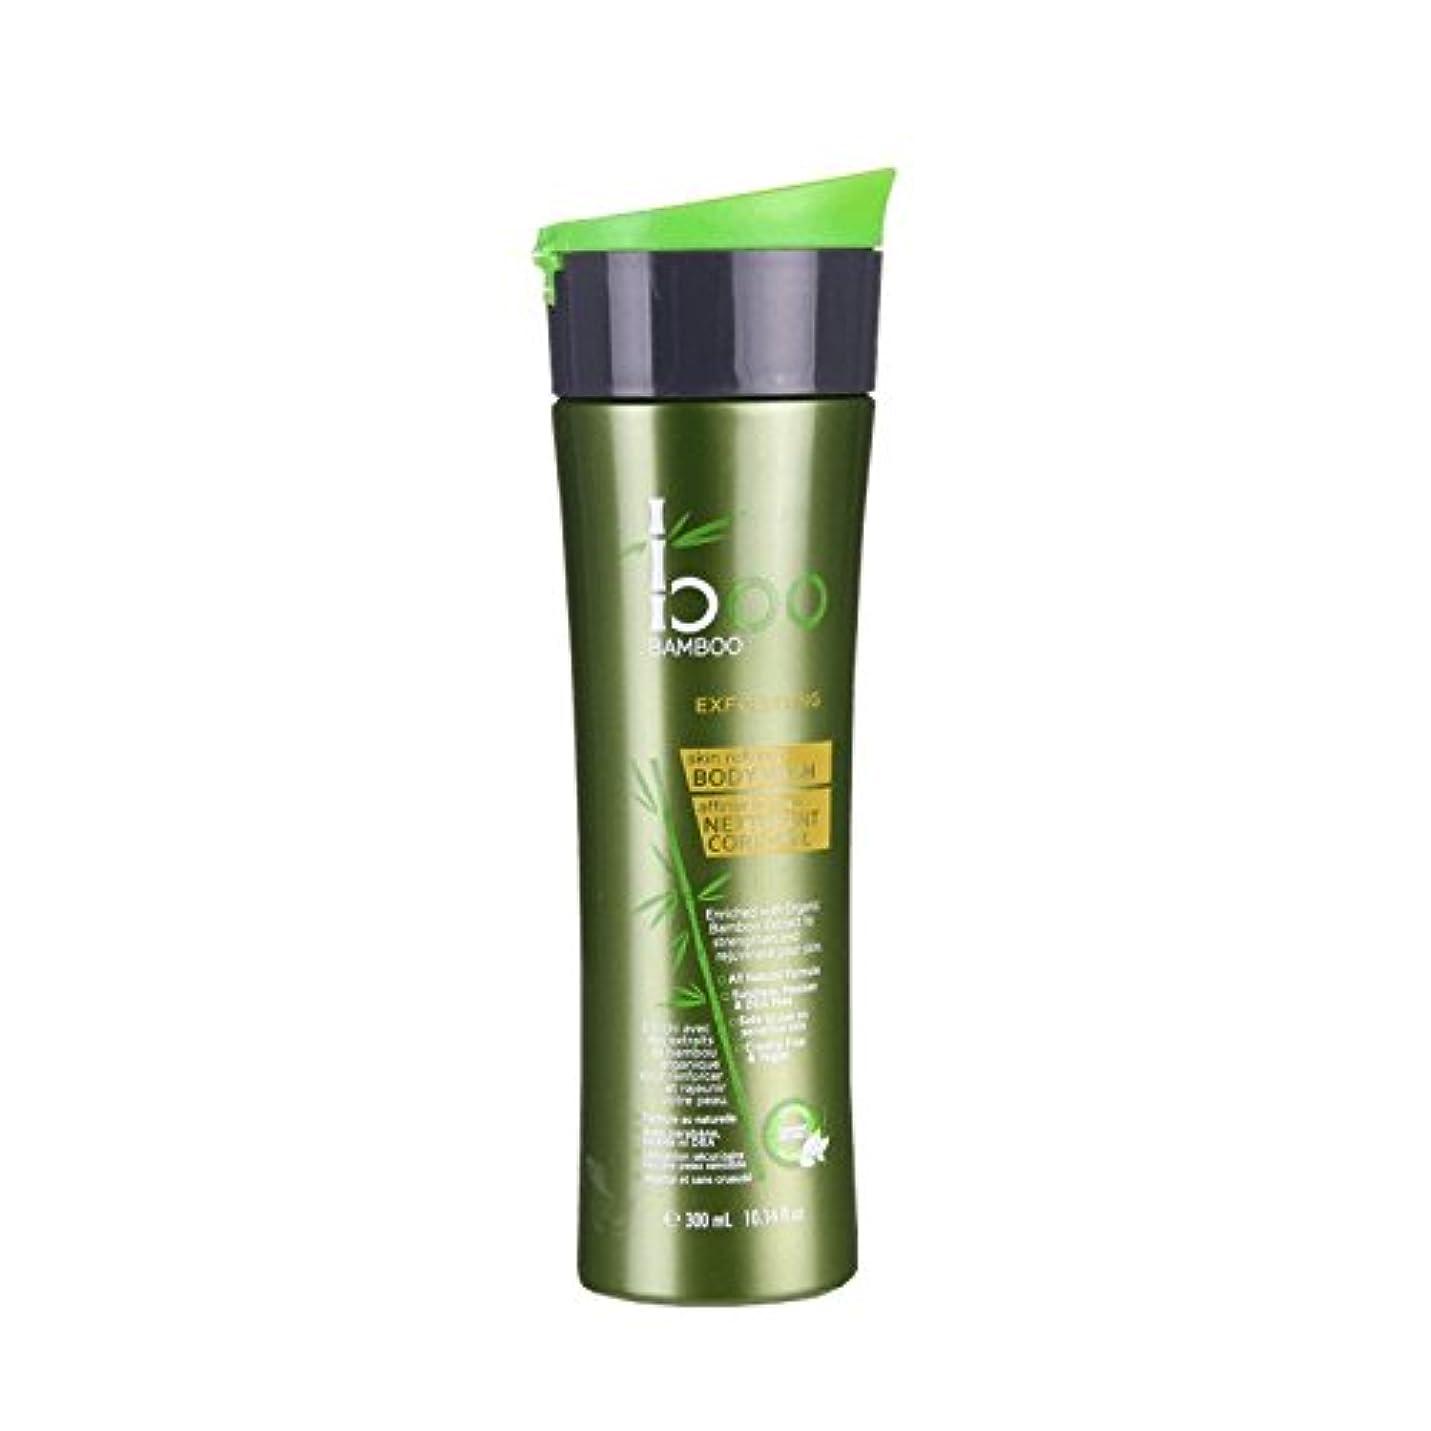 シンポジウム公平離婚Boo Bamboo Exfoliating Body Wash 300ml (Pack of 2) - 竹ピーリングボディウォッシュ300ミリリットルブーイング (x2) [並行輸入品]